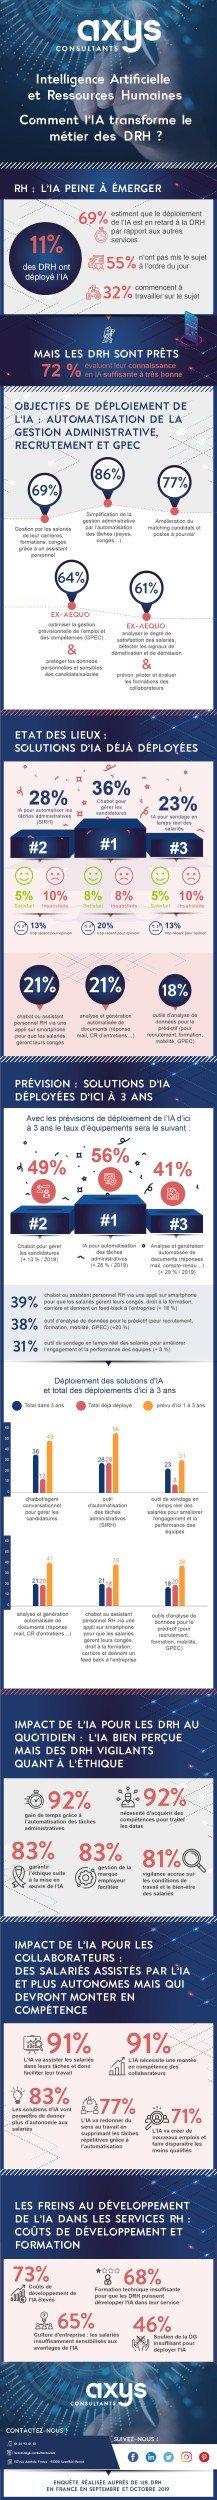 infographie_ia_rh_axys-consuiltants